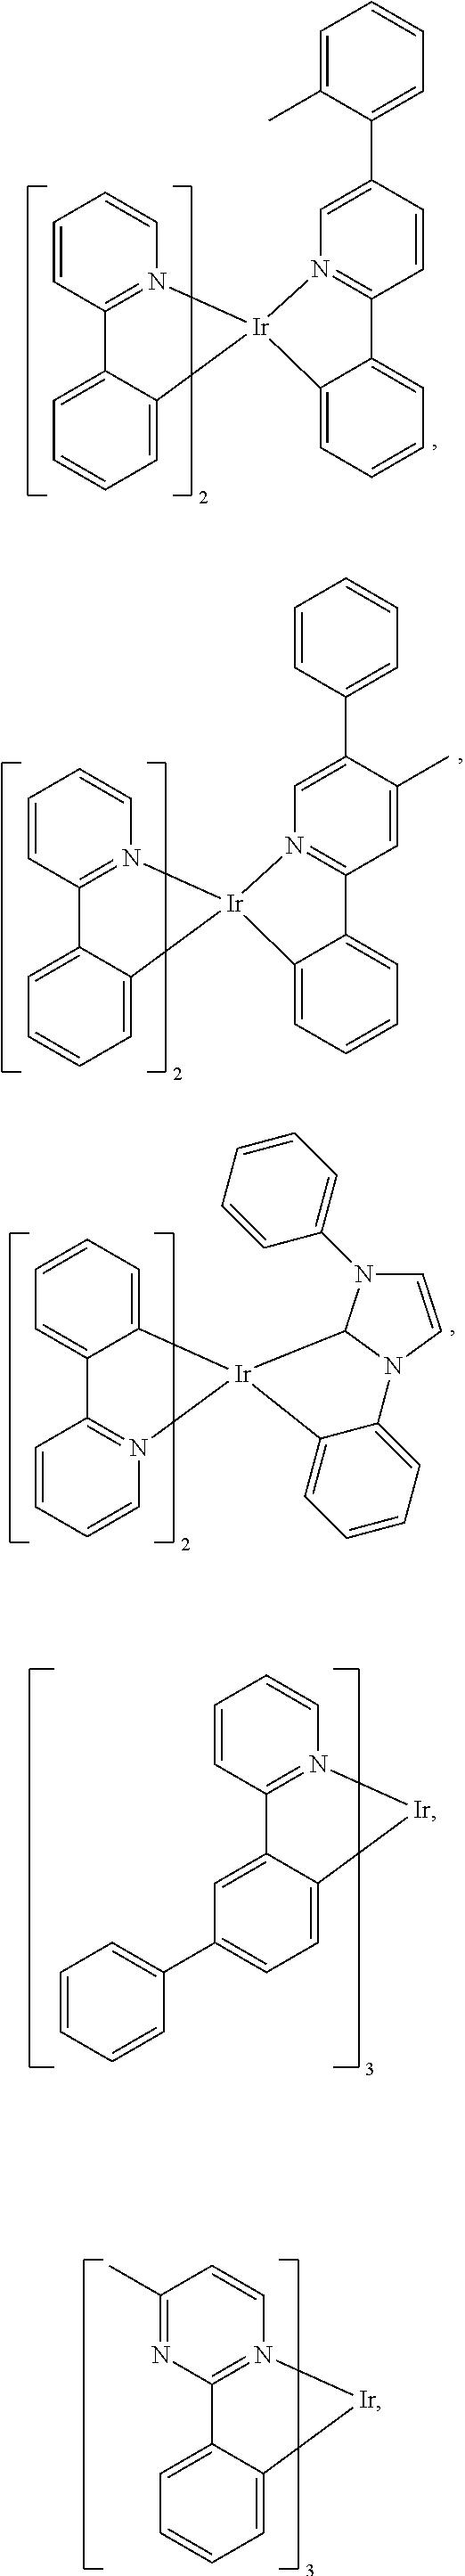 Figure US20190161504A1-20190530-C00064